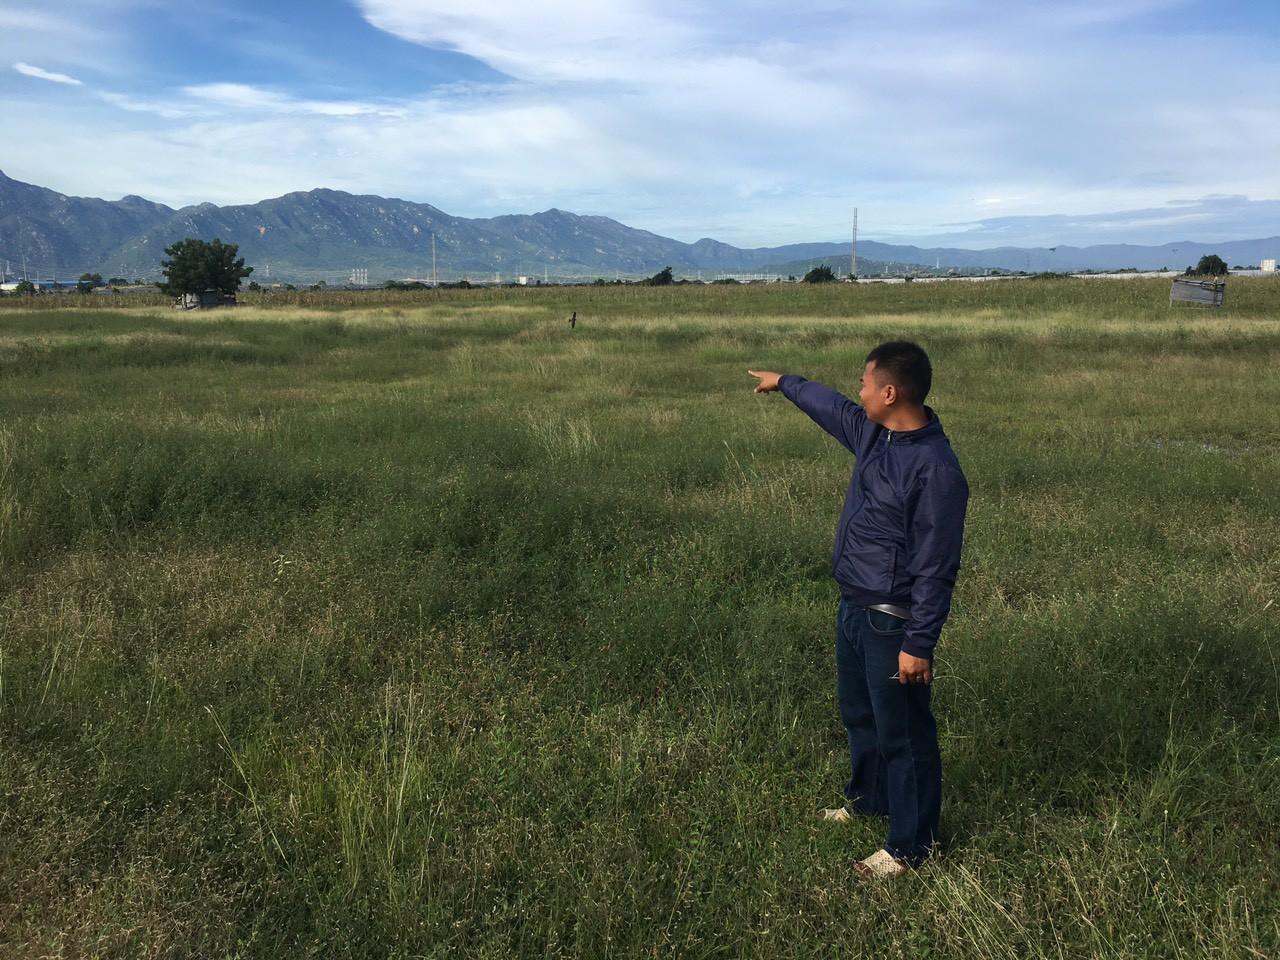 Một gia đình ở Ninh Thuận bị đánh, chém – Bài 2: Công ty điện mặt trời bị tố chiếm đất của dân